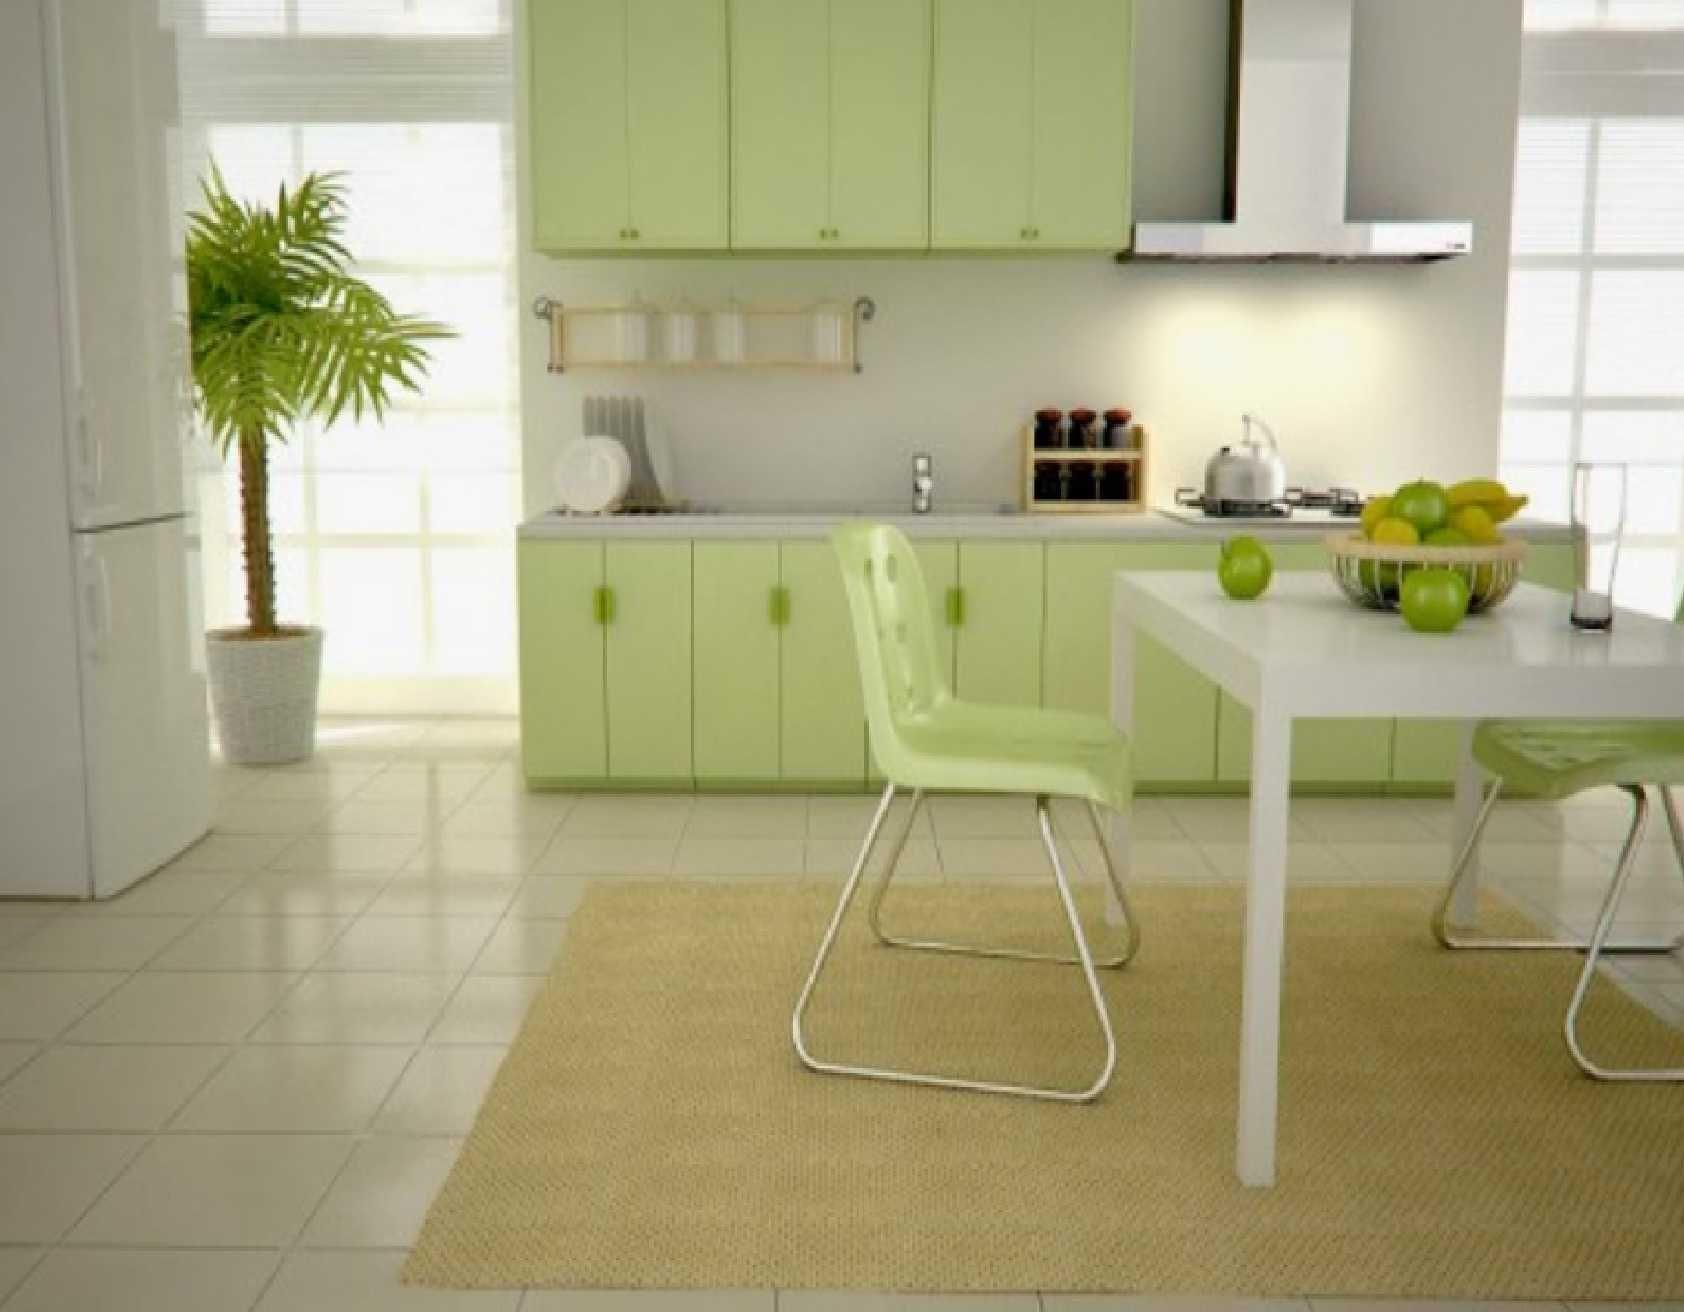 Stunning Kitchen Windows Design Ideas In Awesome Kitchen Design: Fresh  White Green Kitchen Furniture And